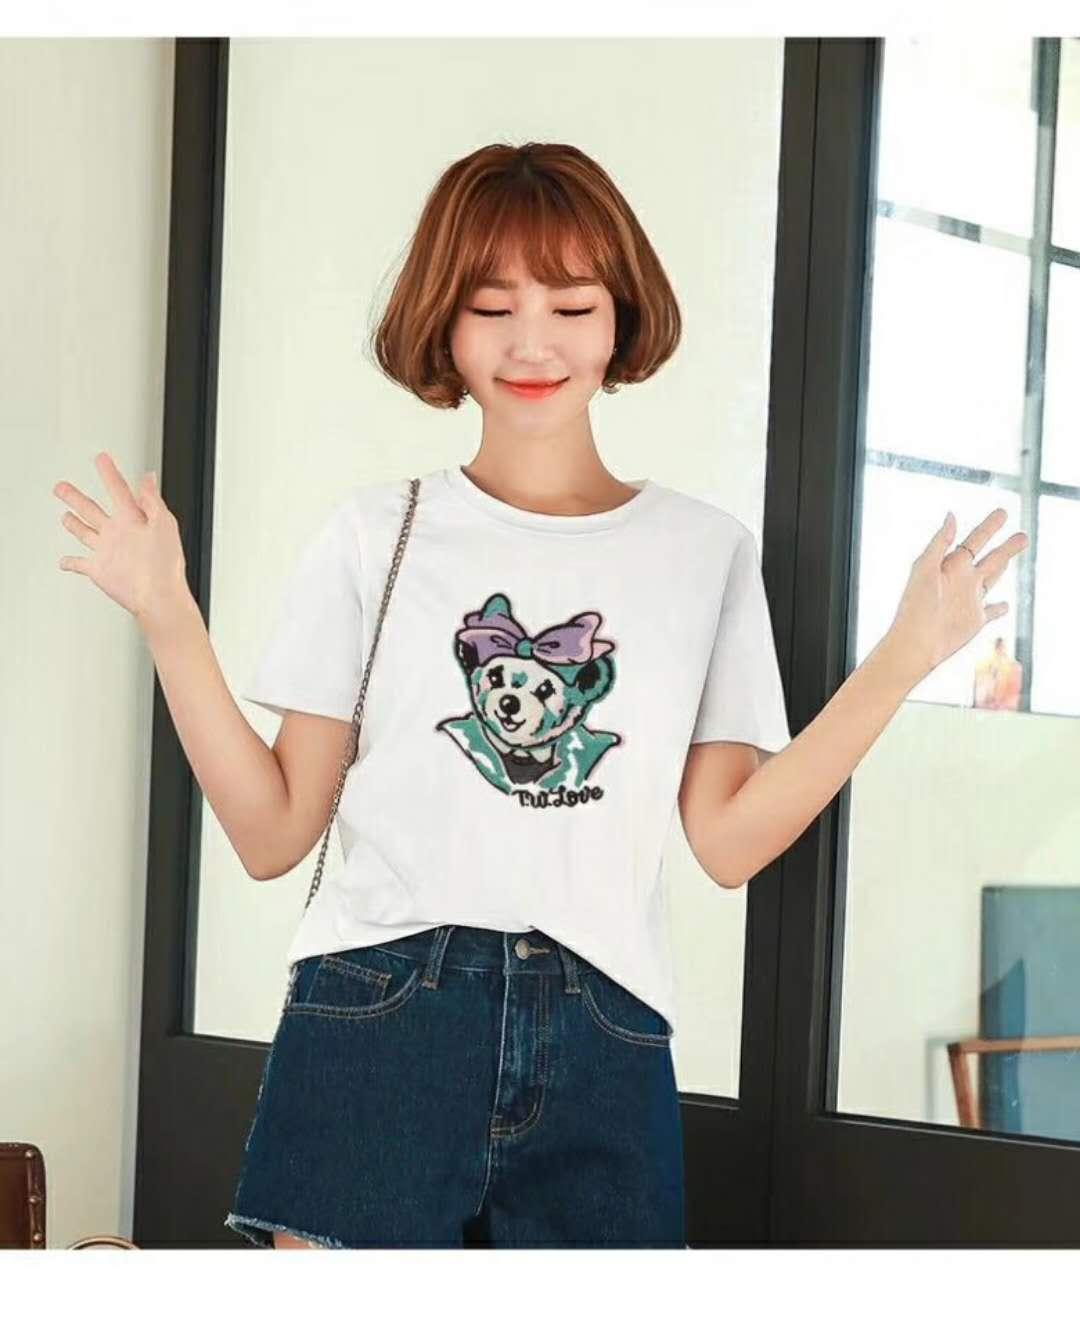 维尼纯棉T恤夏装品牌折扣女装批发找广州明浩货源